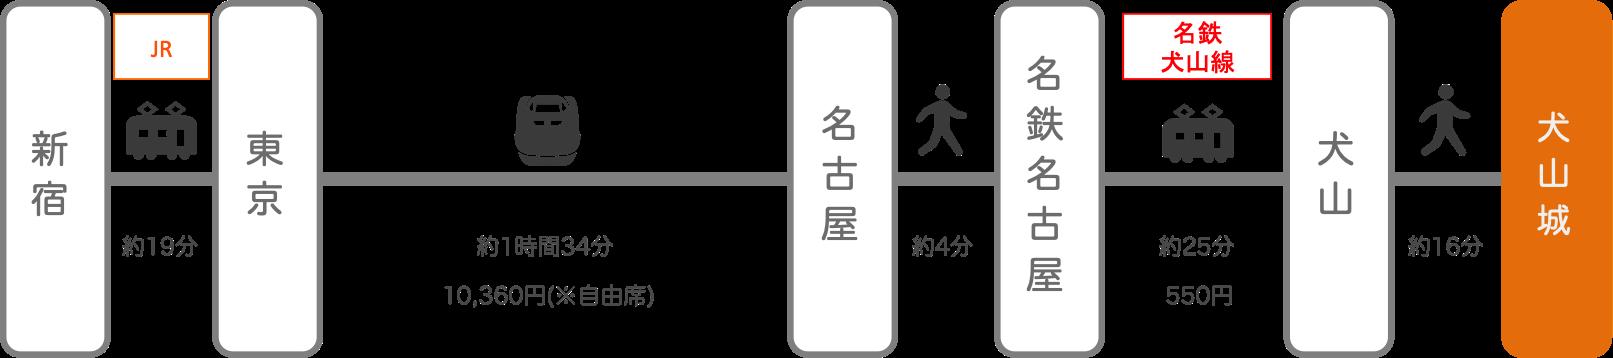 犬山城_新宿(東京)_新幹線